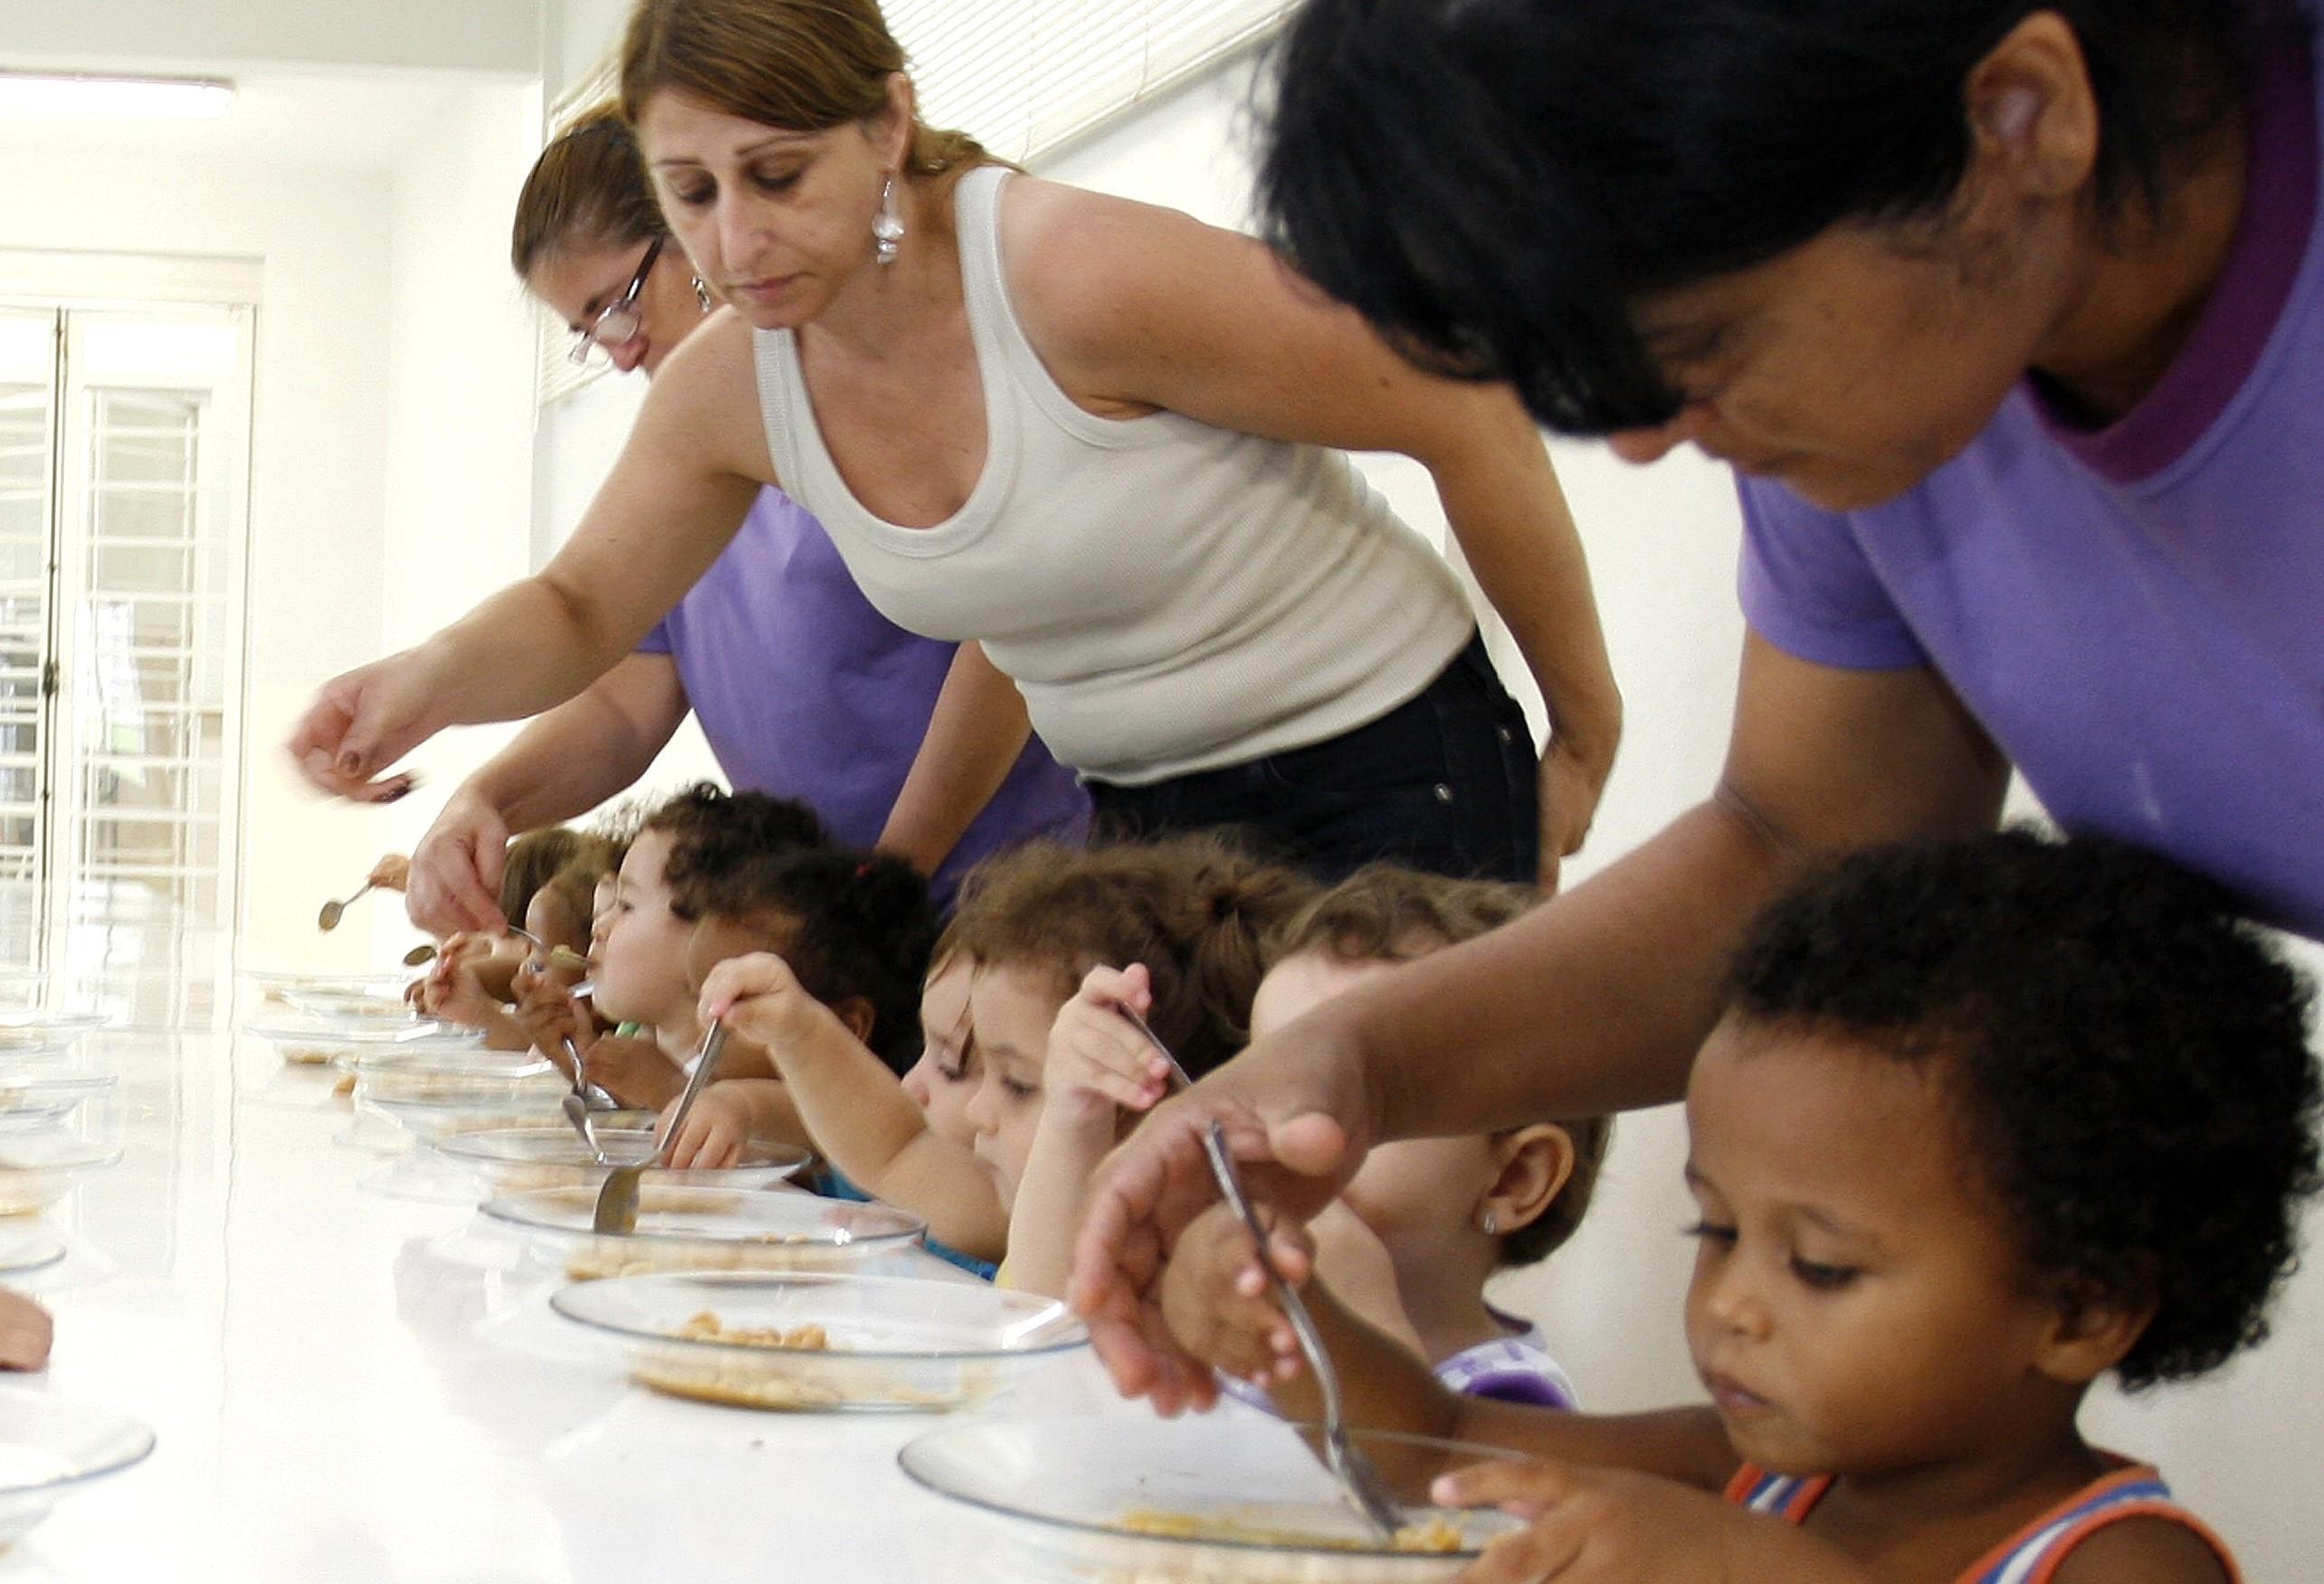 Decisão judicial obriga Prefeitura de Paiçandu a zerar fila de espera em creche